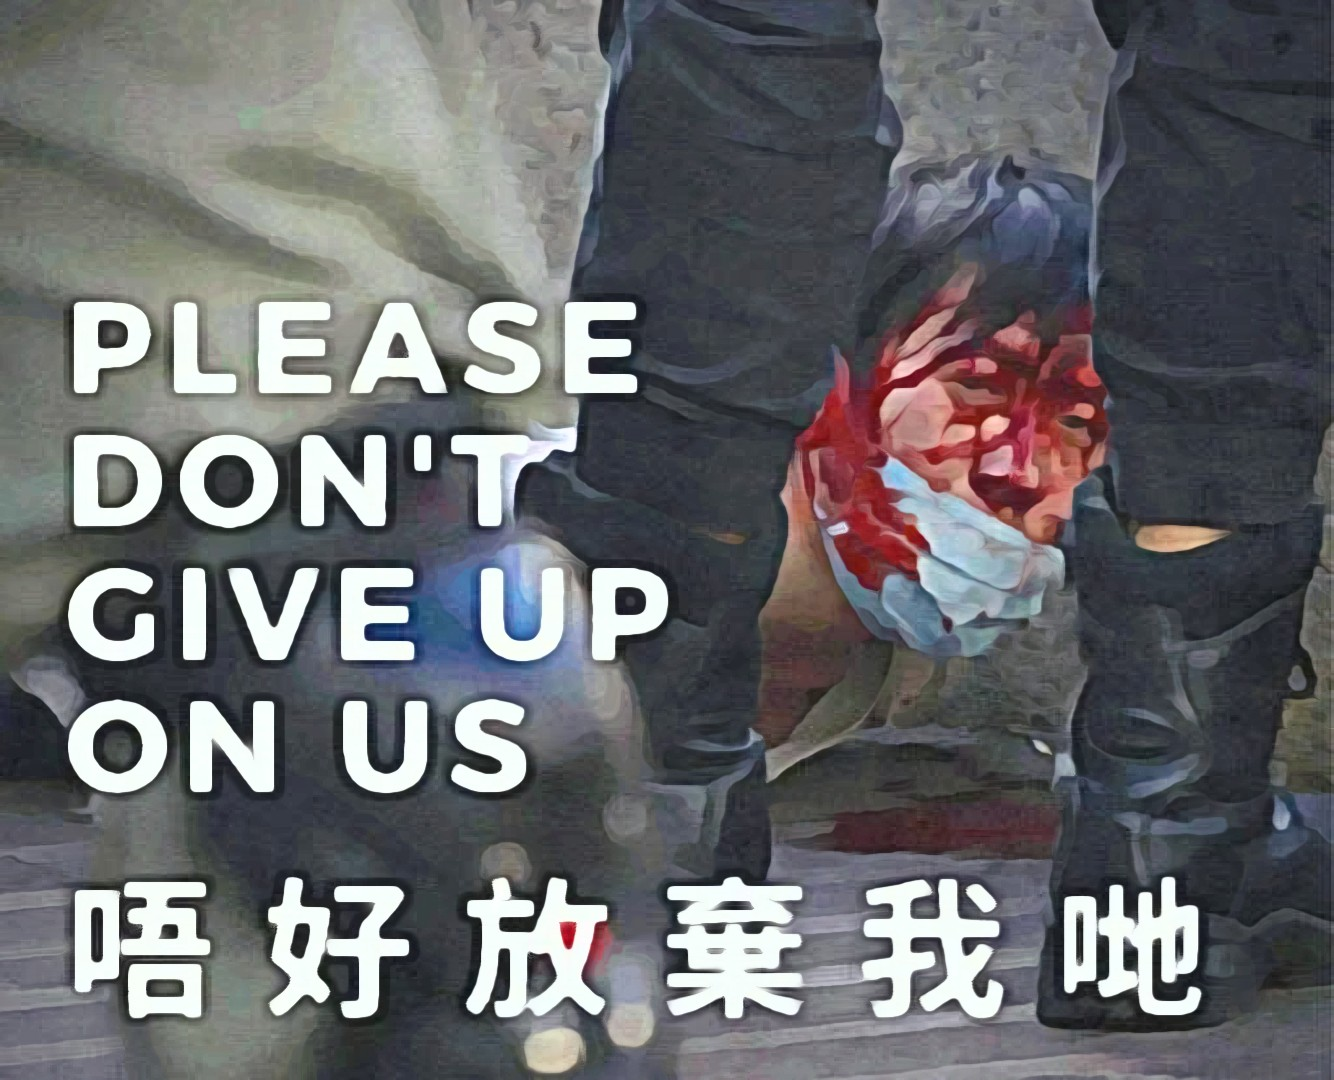 Hongkong China brutality